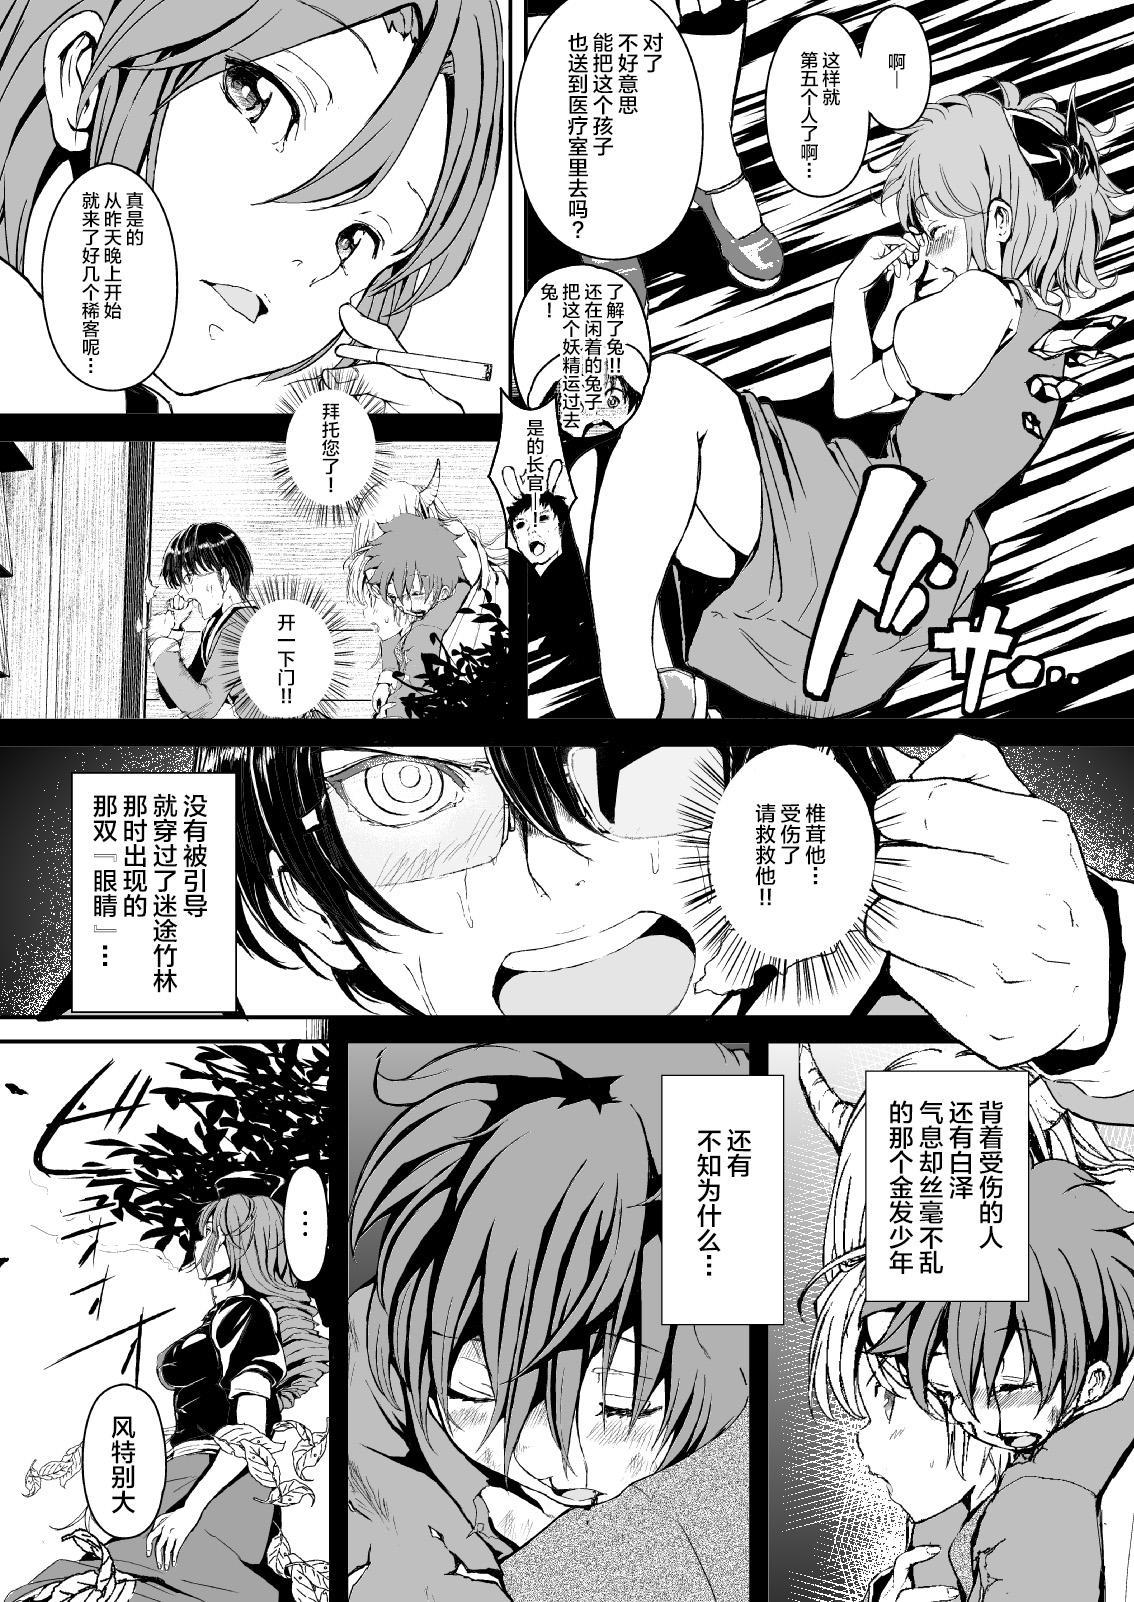 Touhou Kinoko Kusuri 6